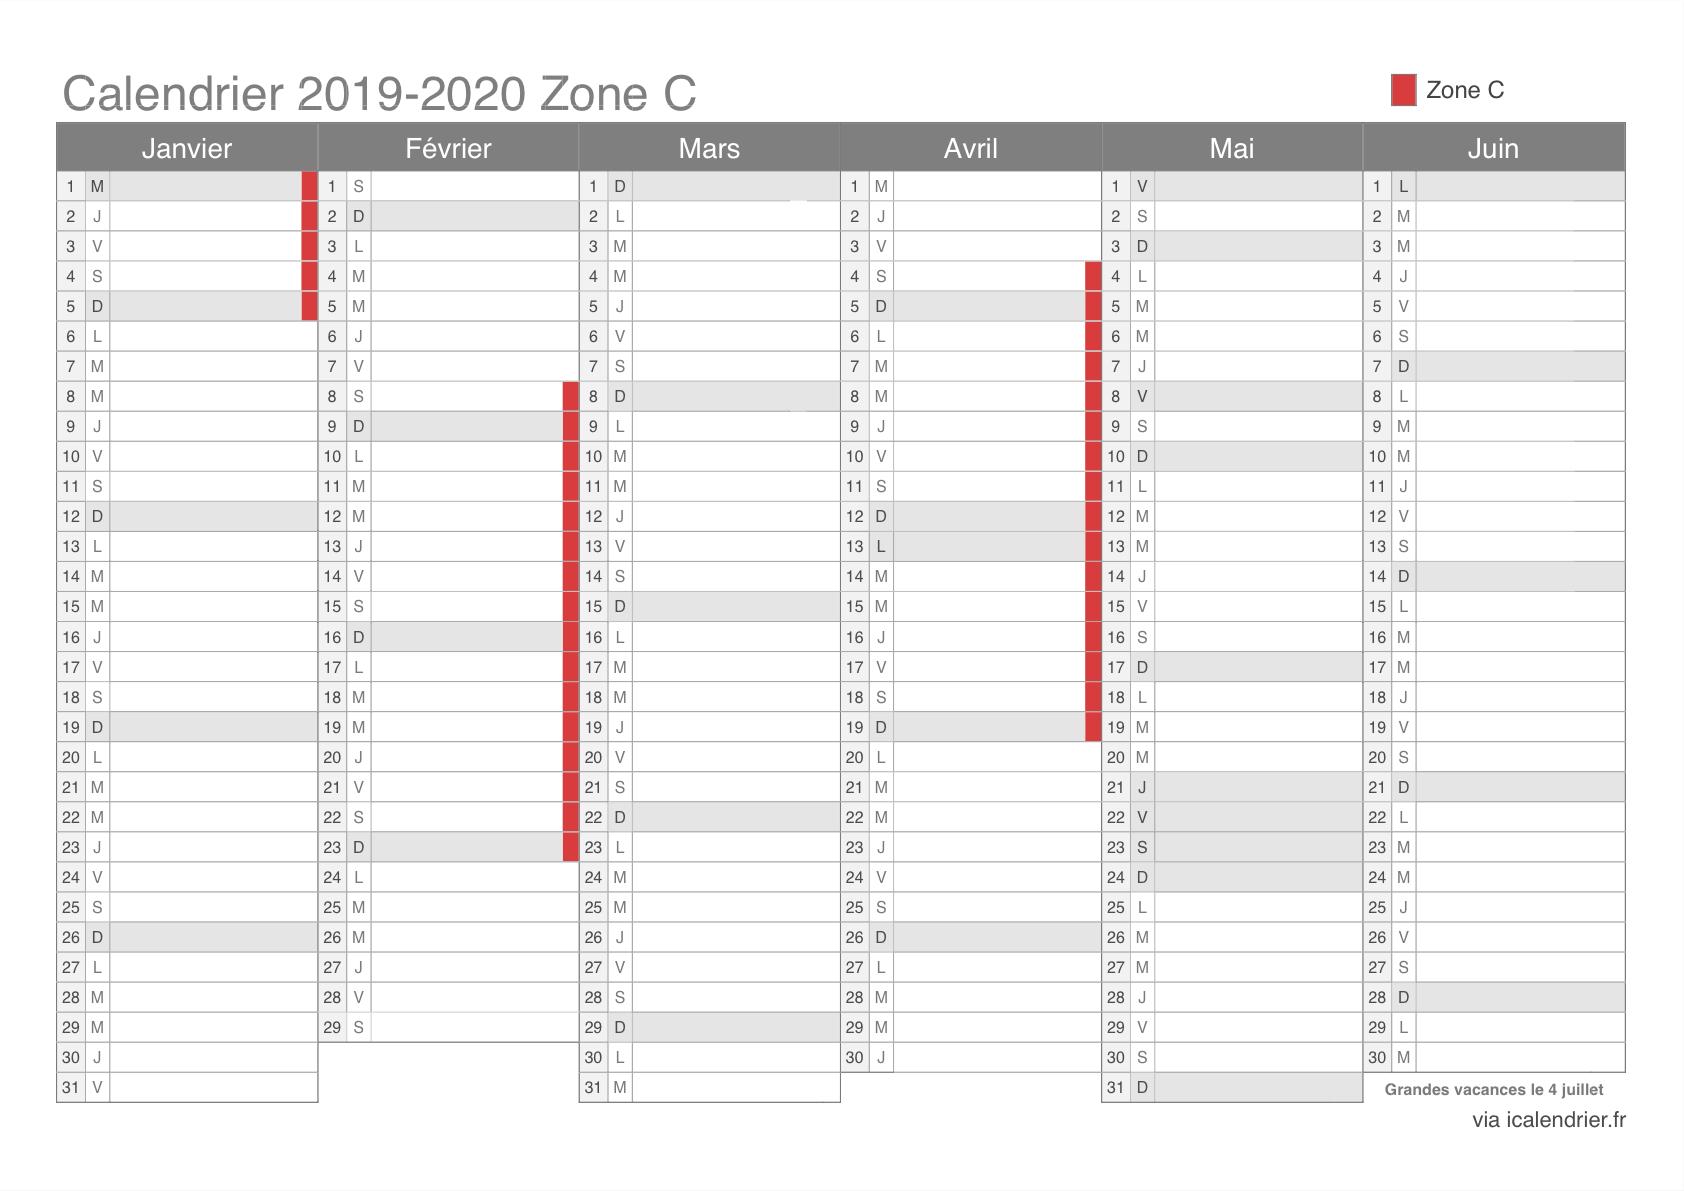 Vacances Scolaires 2019-2020 Zone C - Calendrier Et Dates intérieur Calendrier 2019 Avec Jours Fériés Vacances Scolaires